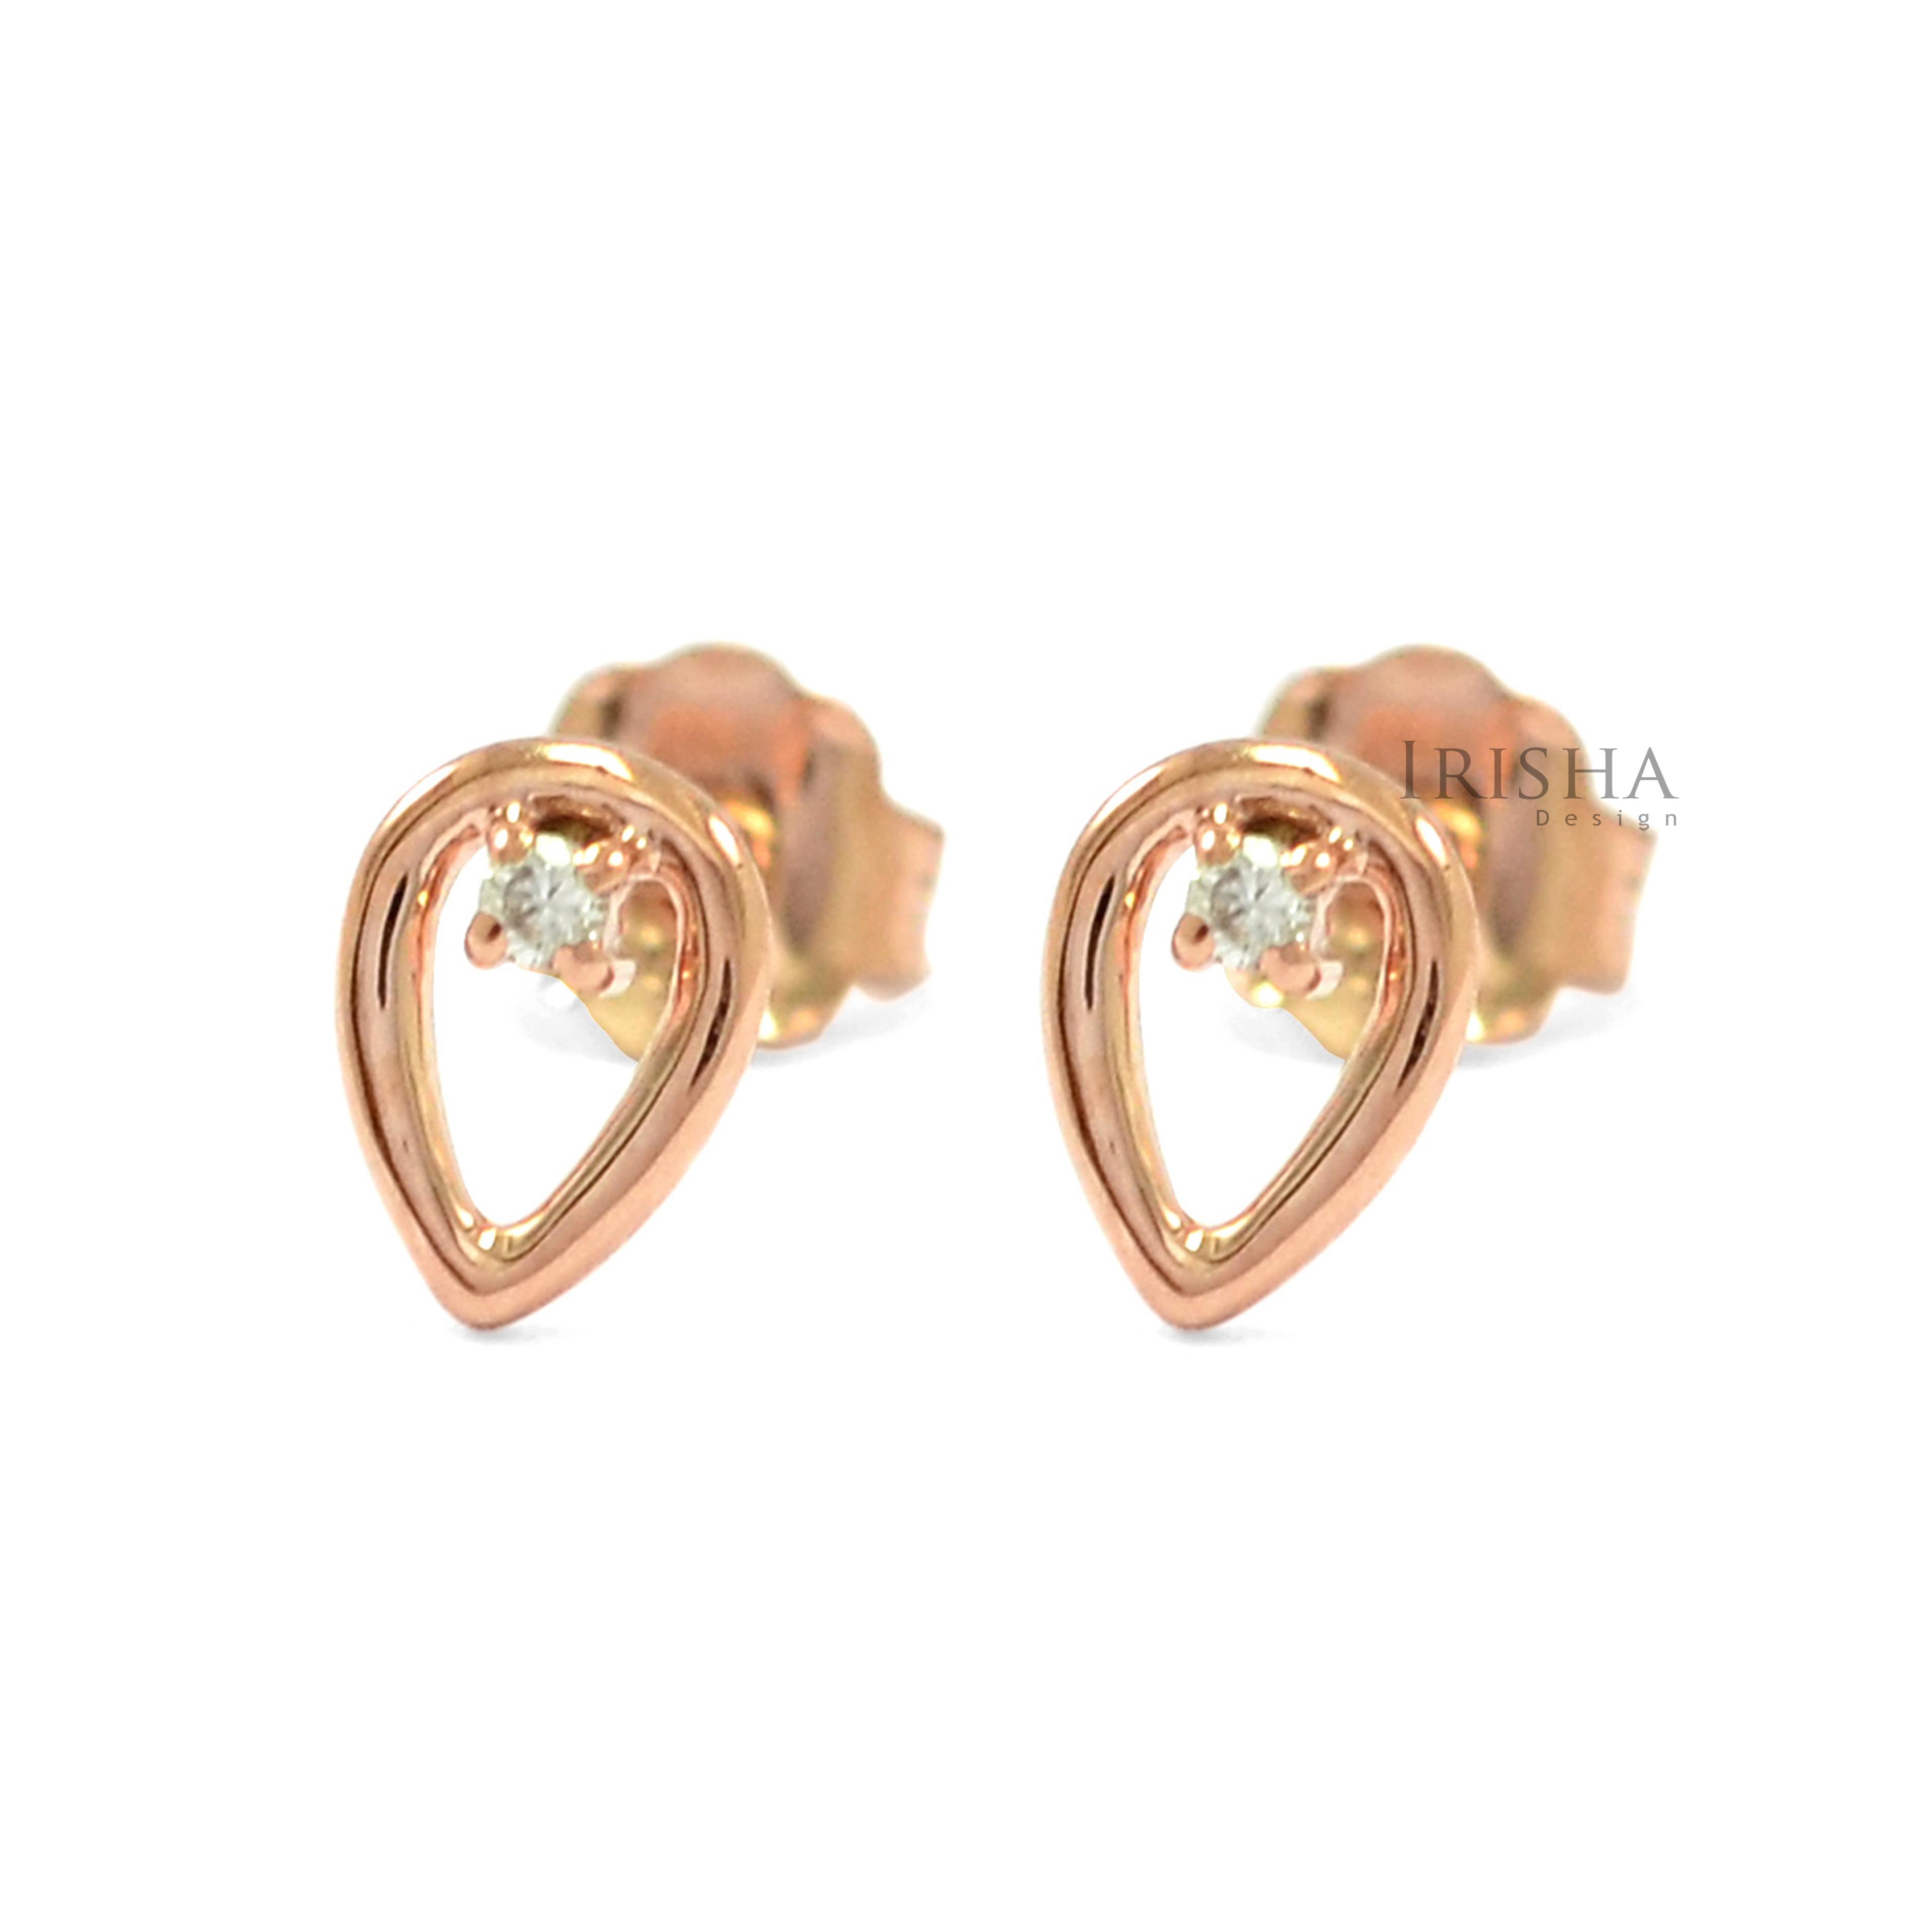 14K Gold 0.02 Ct. Genuine Diamond 5 mm Pear Shape Stud Earrings Fine Jewelry